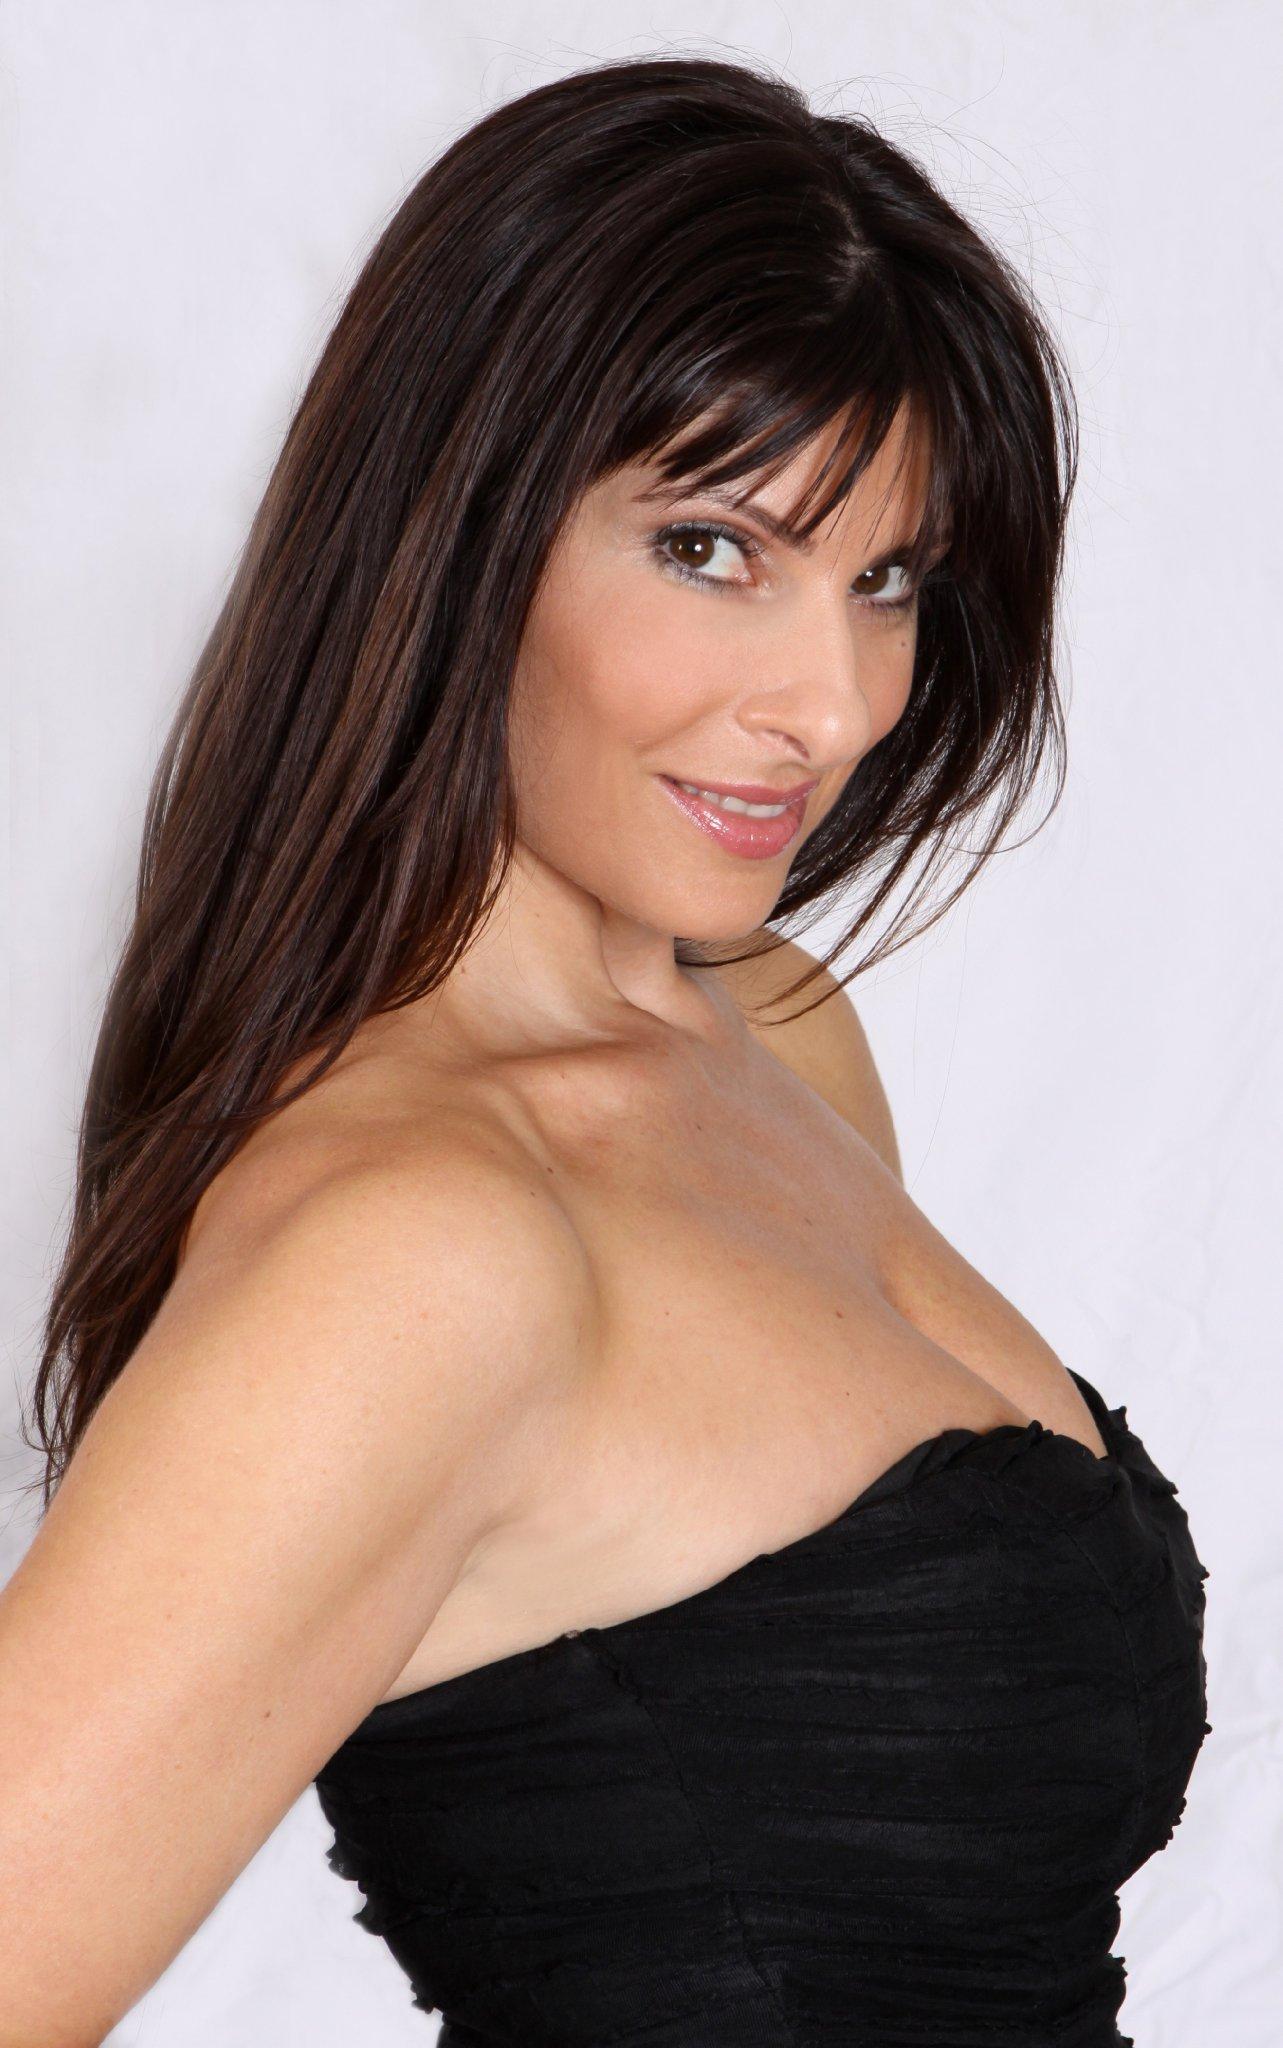 Patricia Skeriotis Nude Photos 58